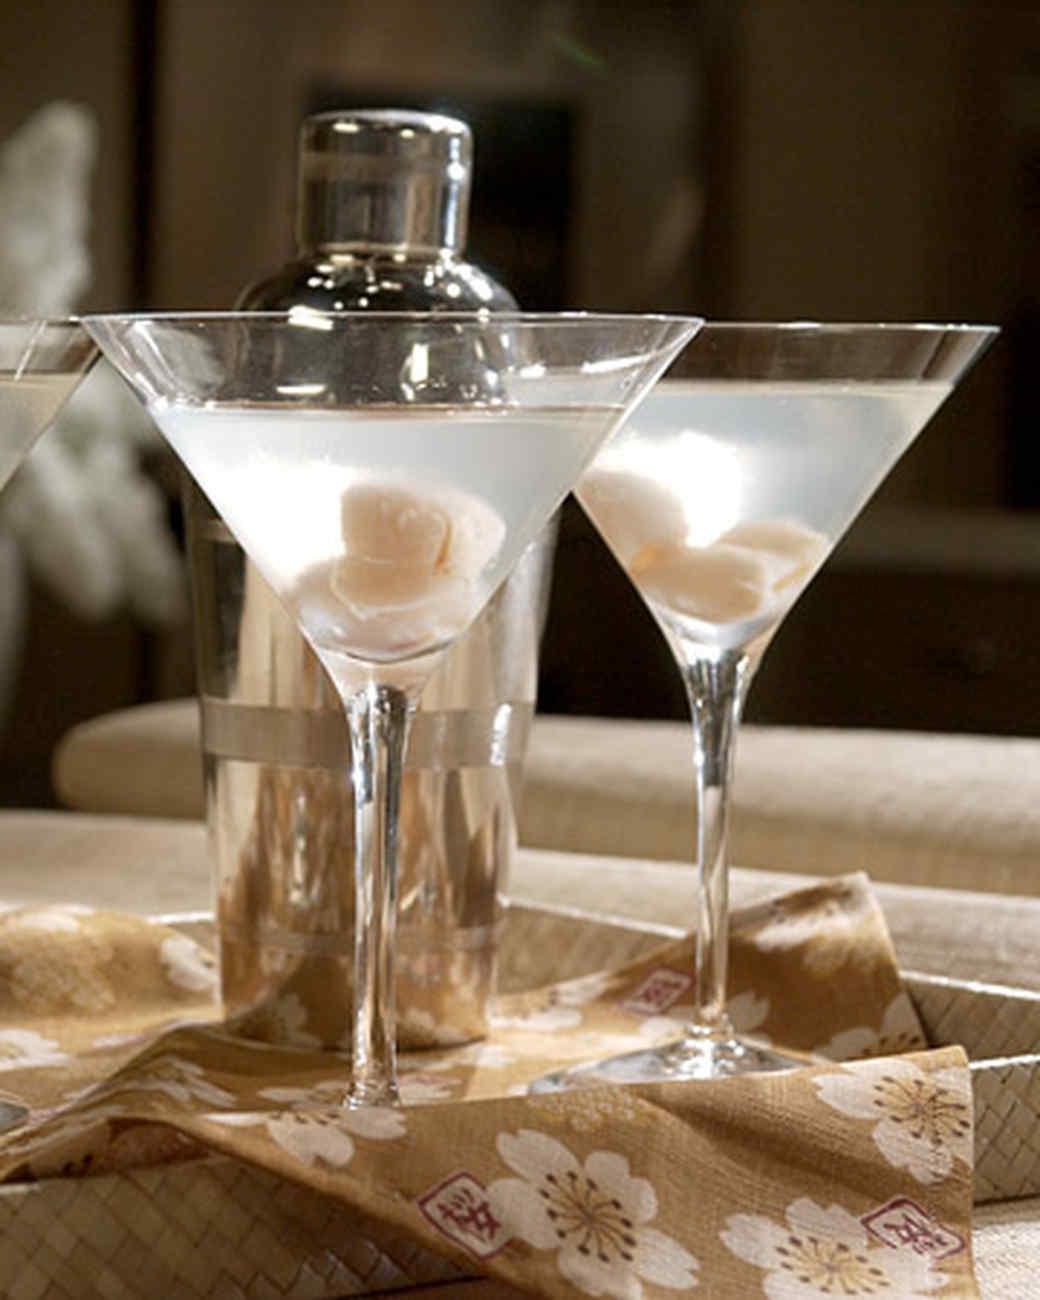 Litchi Martini